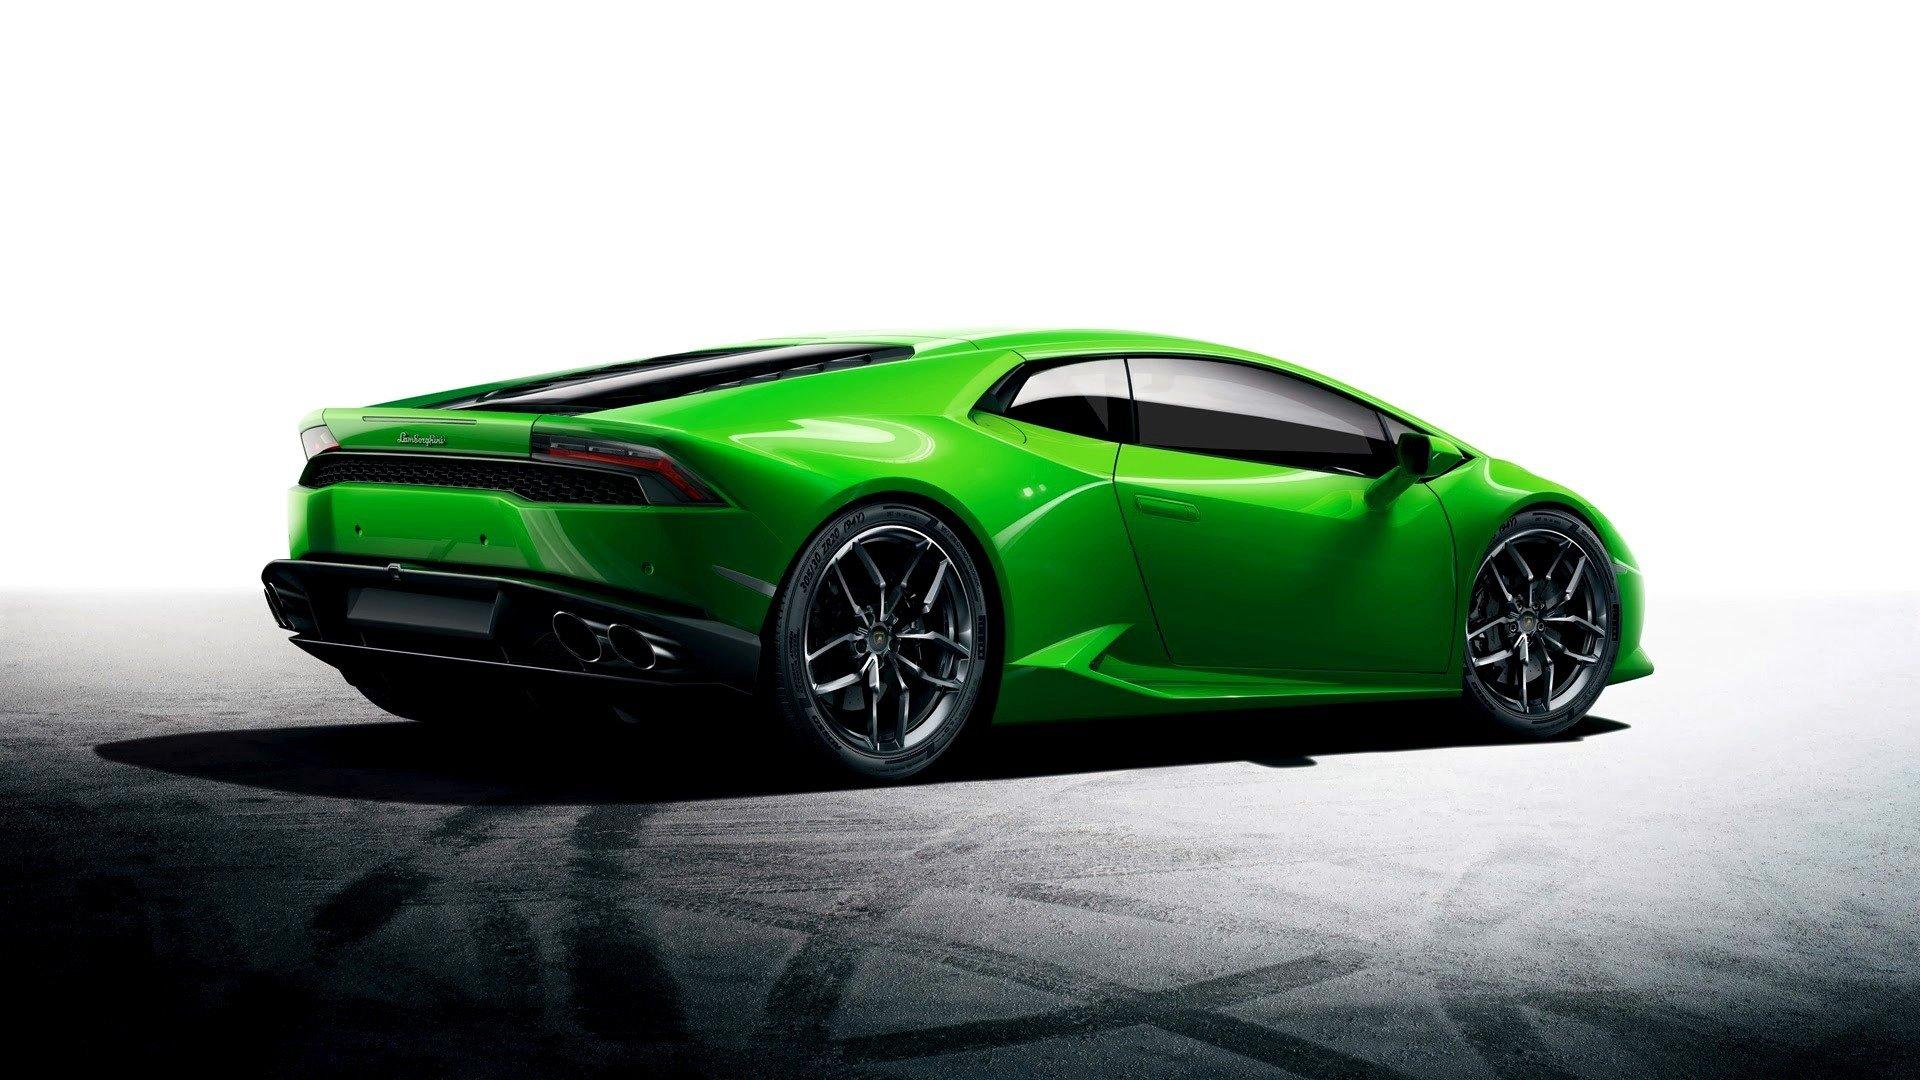 спортивный зеленый автомобиль Lamborghini  № 2996297 загрузить